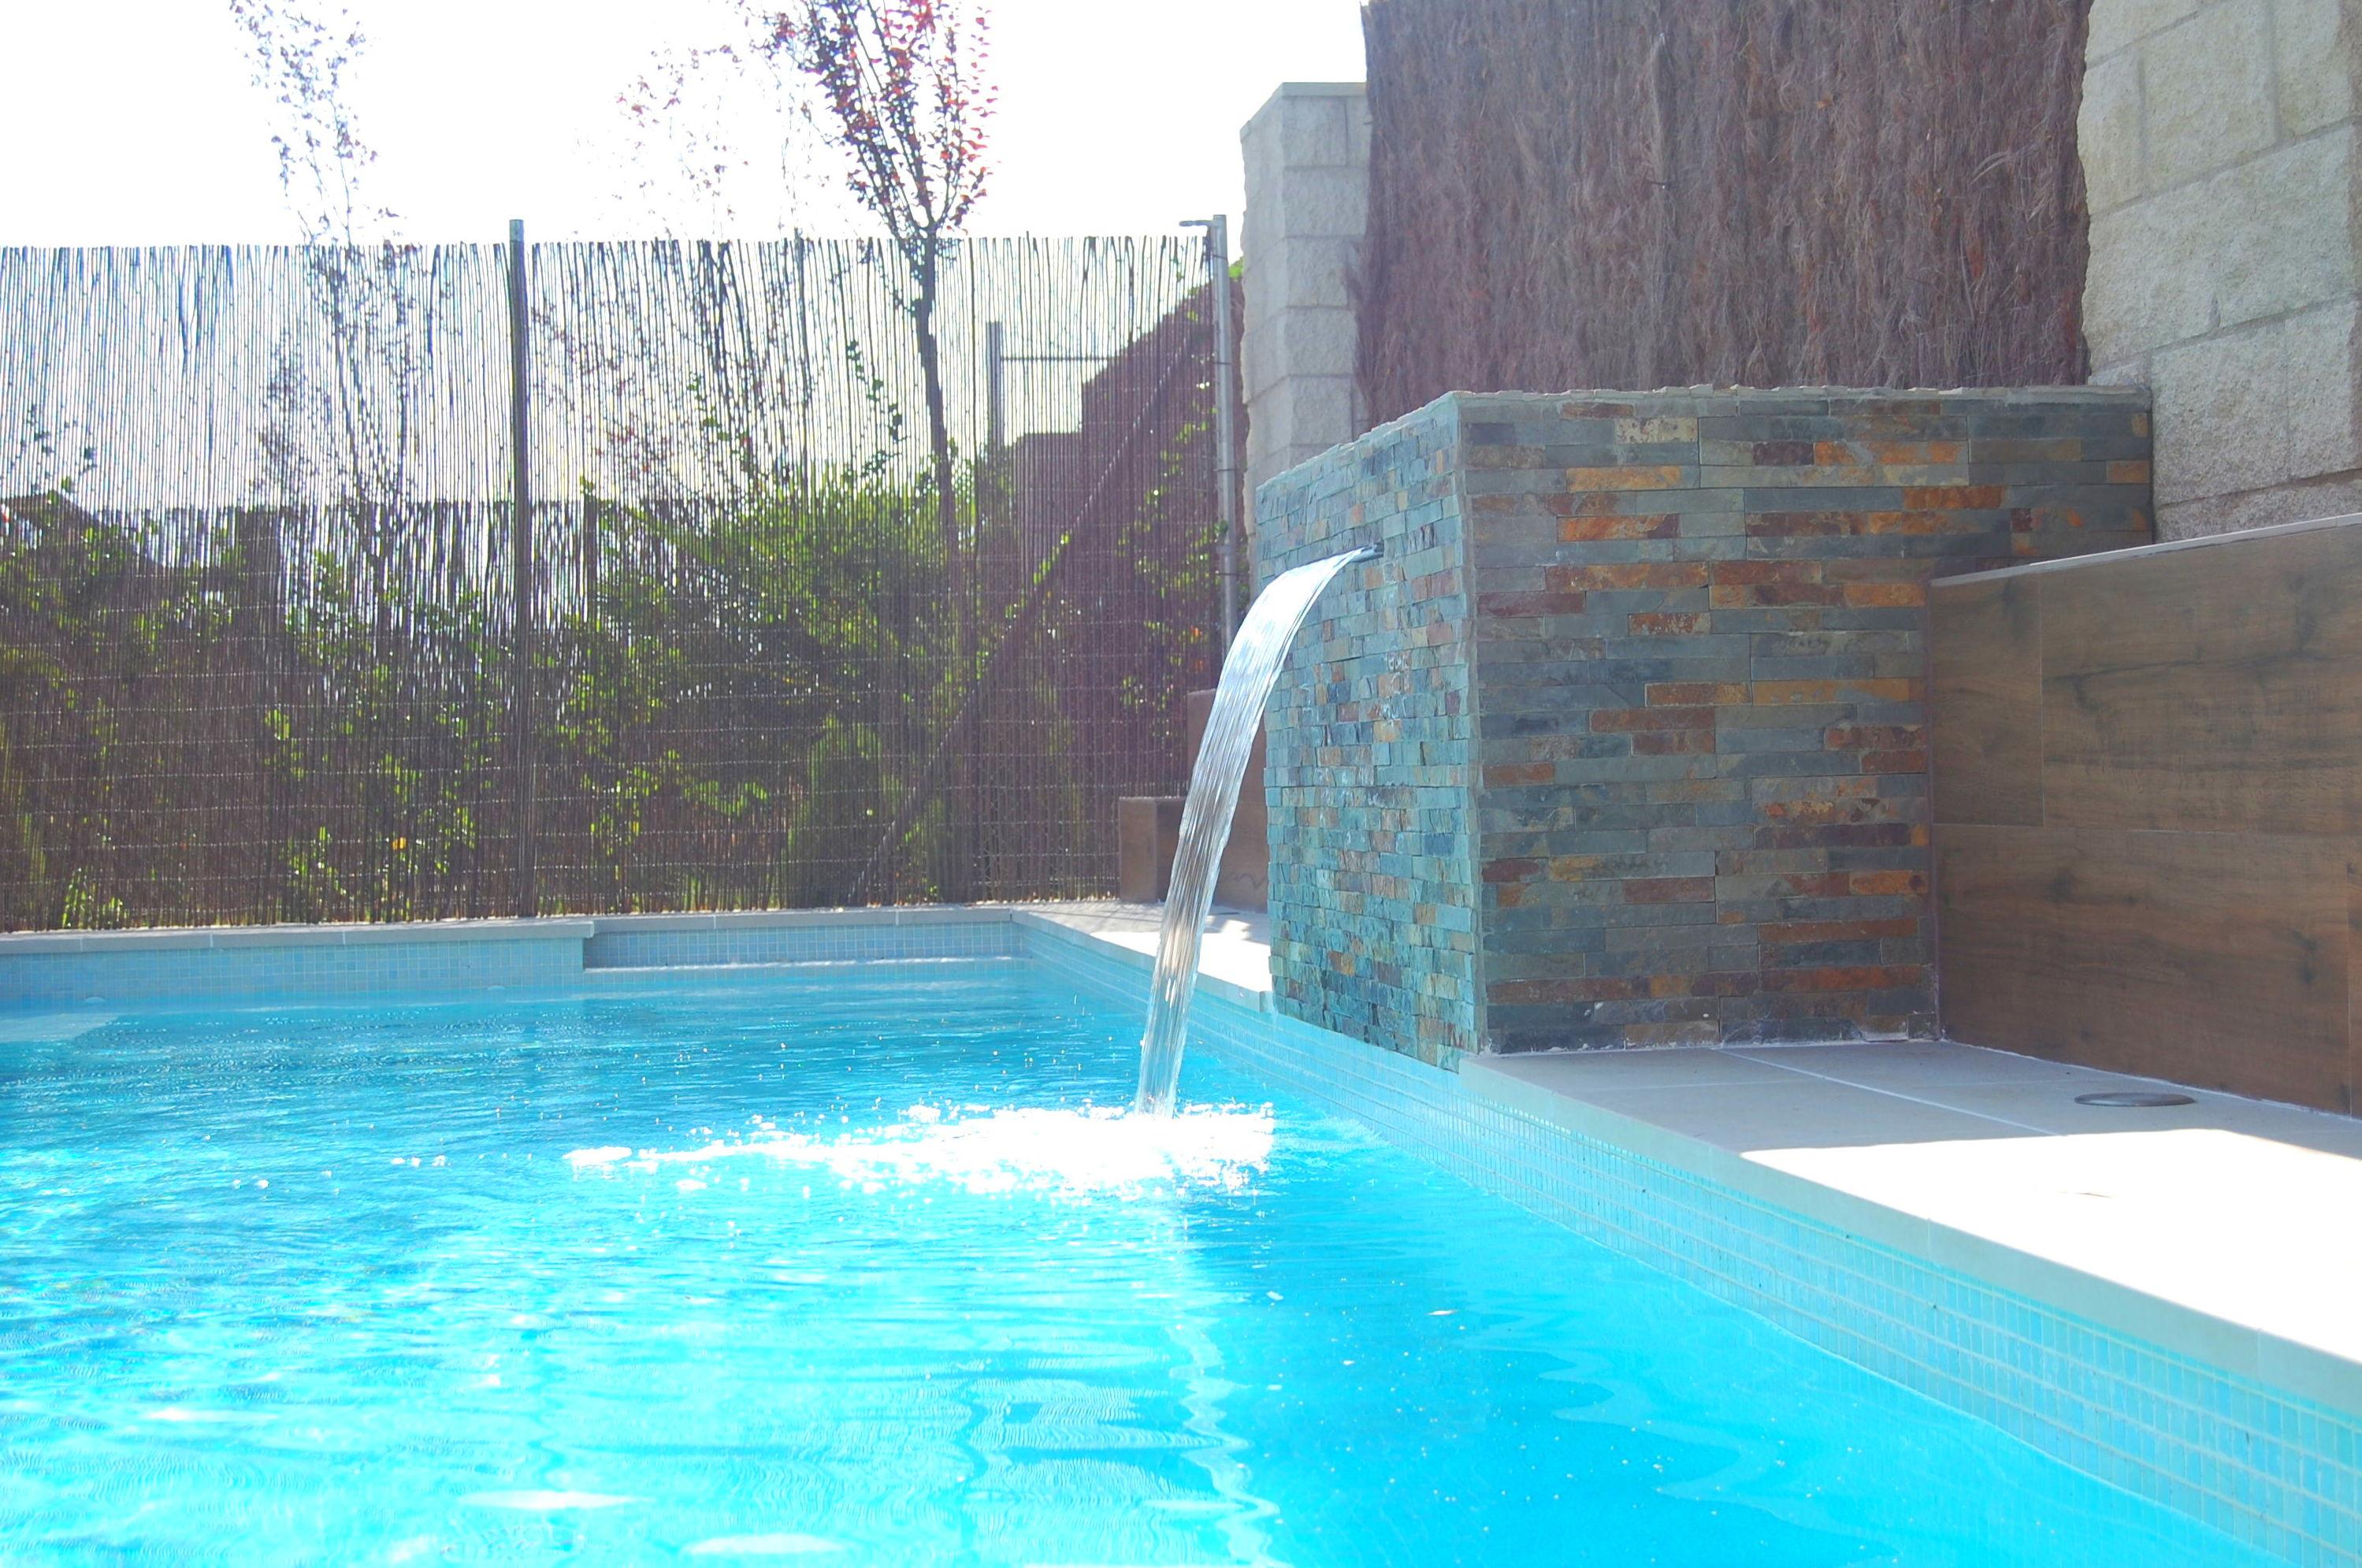 piscina de obra 10,50x2,40 con cascada, focos led, clorador salino, sistema natación contracorriente, suelo porcelanico y césped artificial